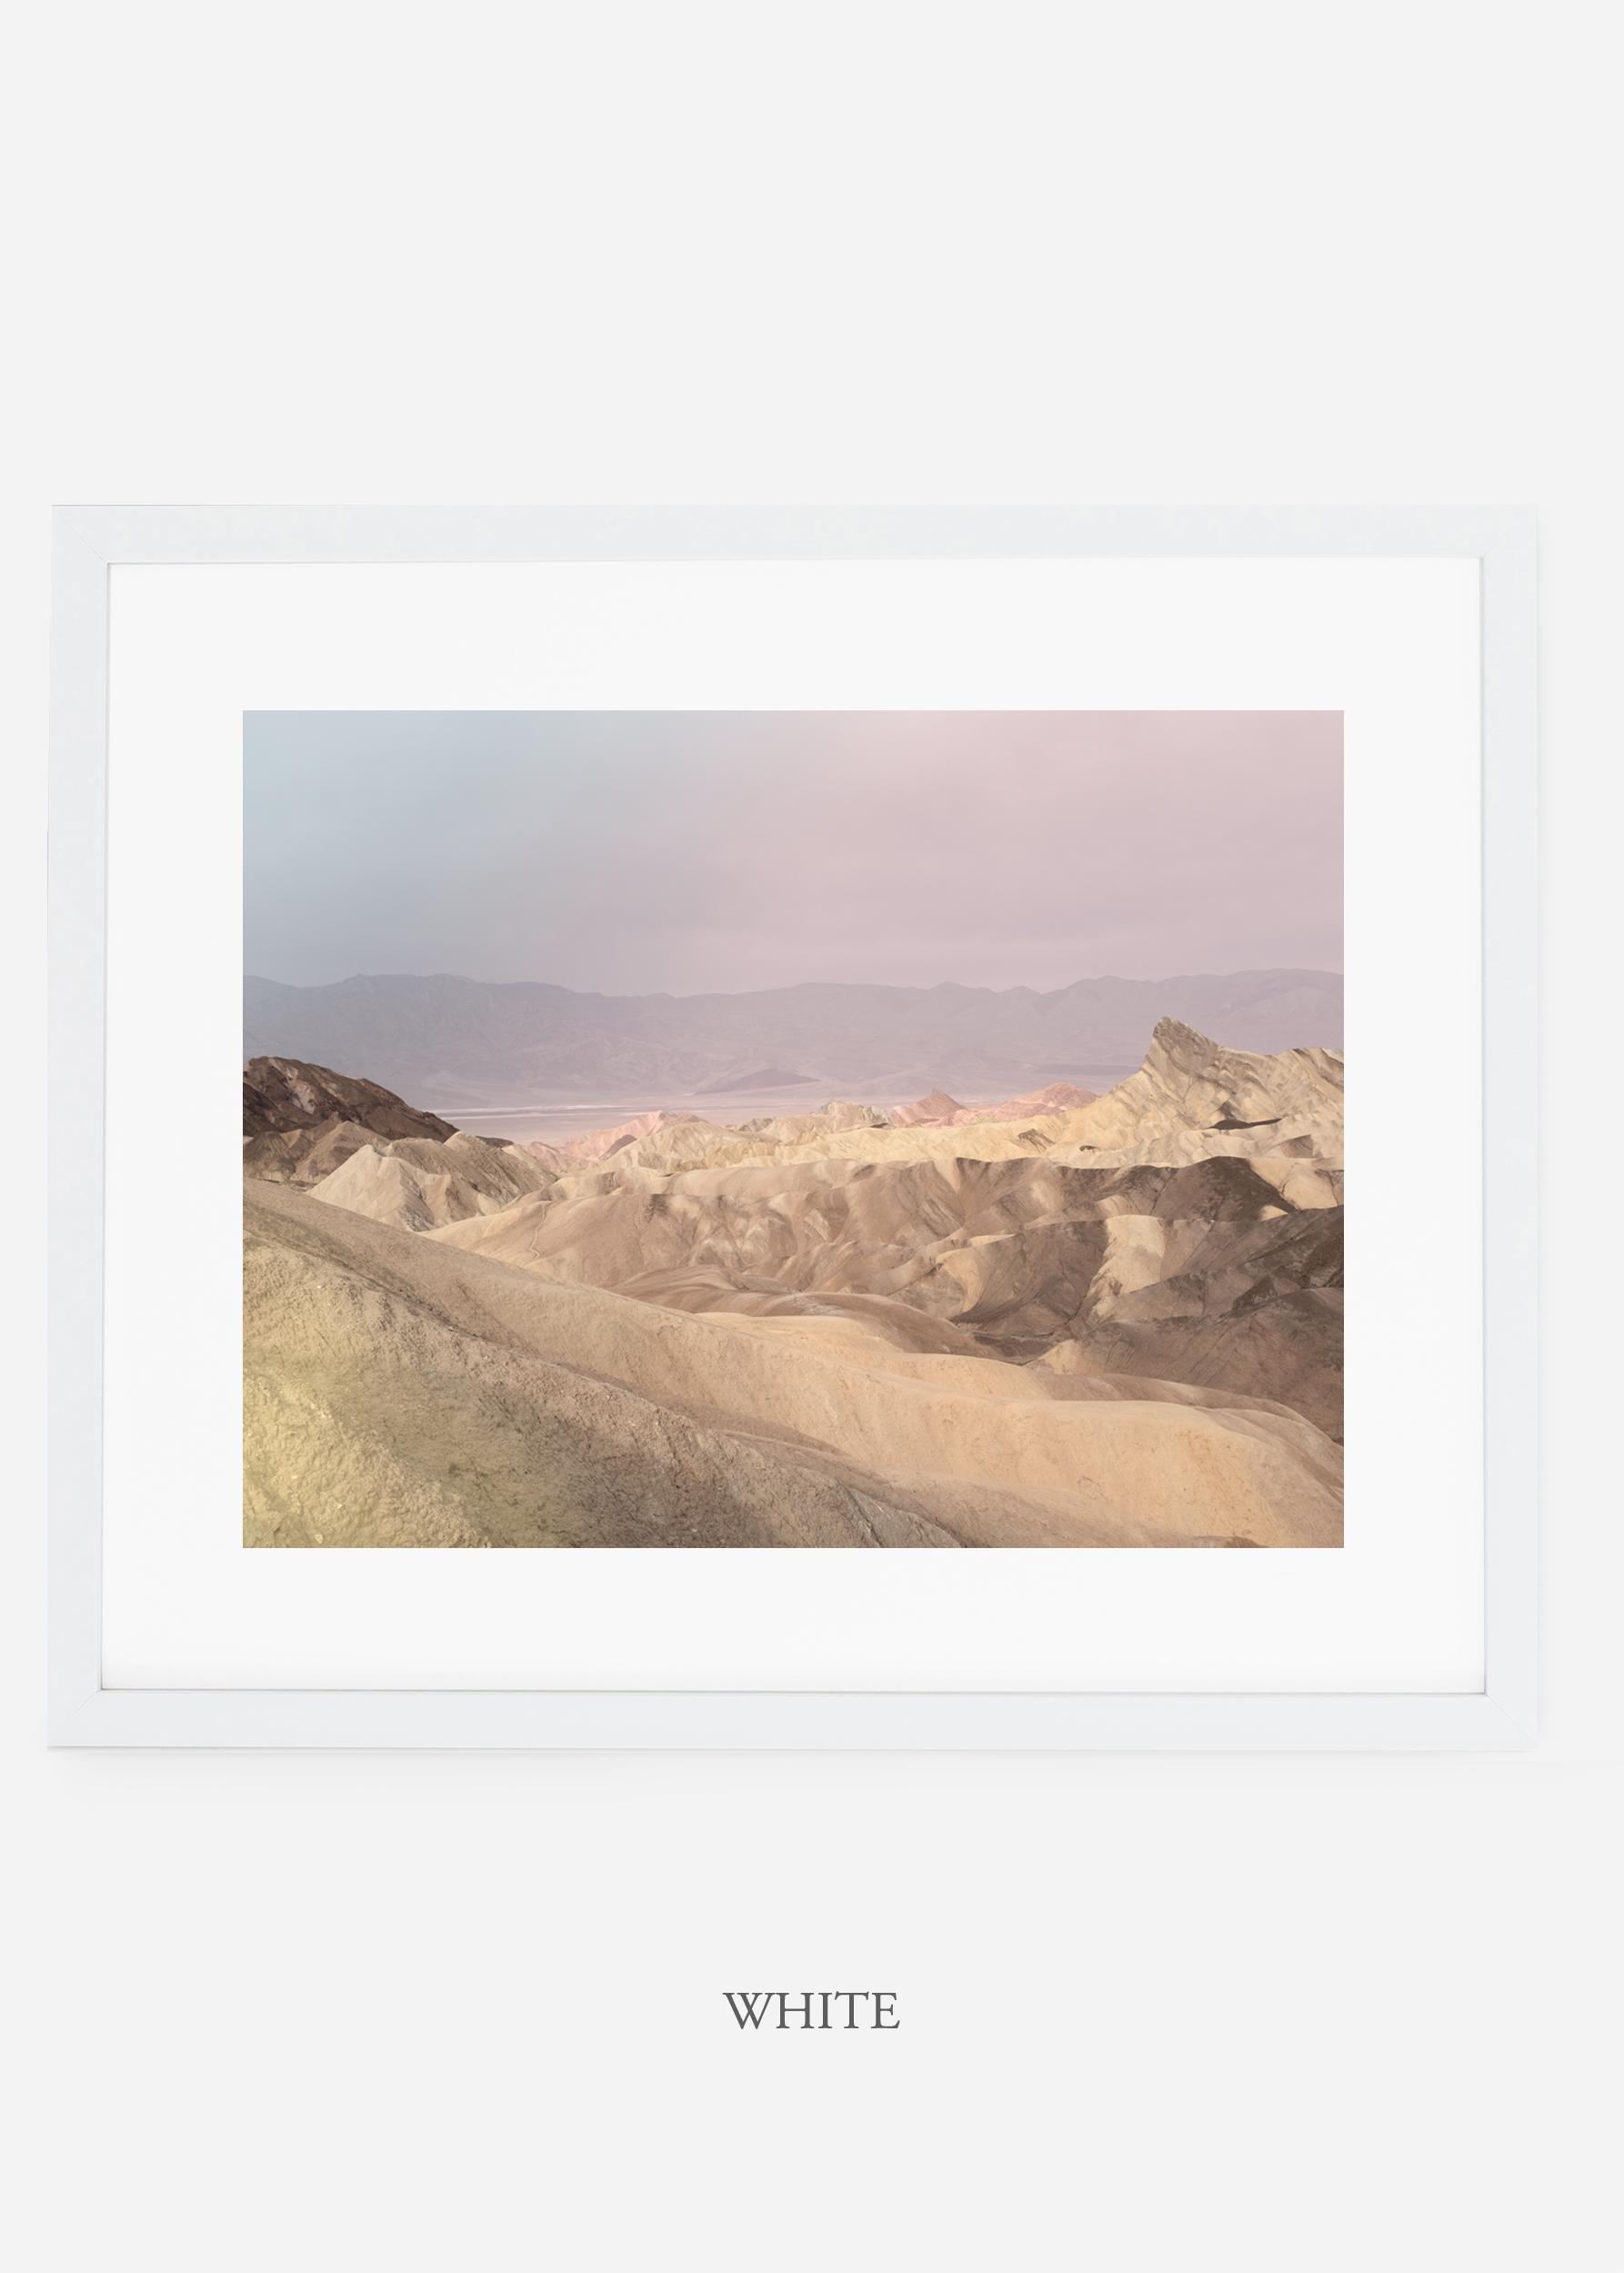 wildercalifornia_whiteframe_deathvalley_10_minimal_cactus_art_interiordesign_.jpg